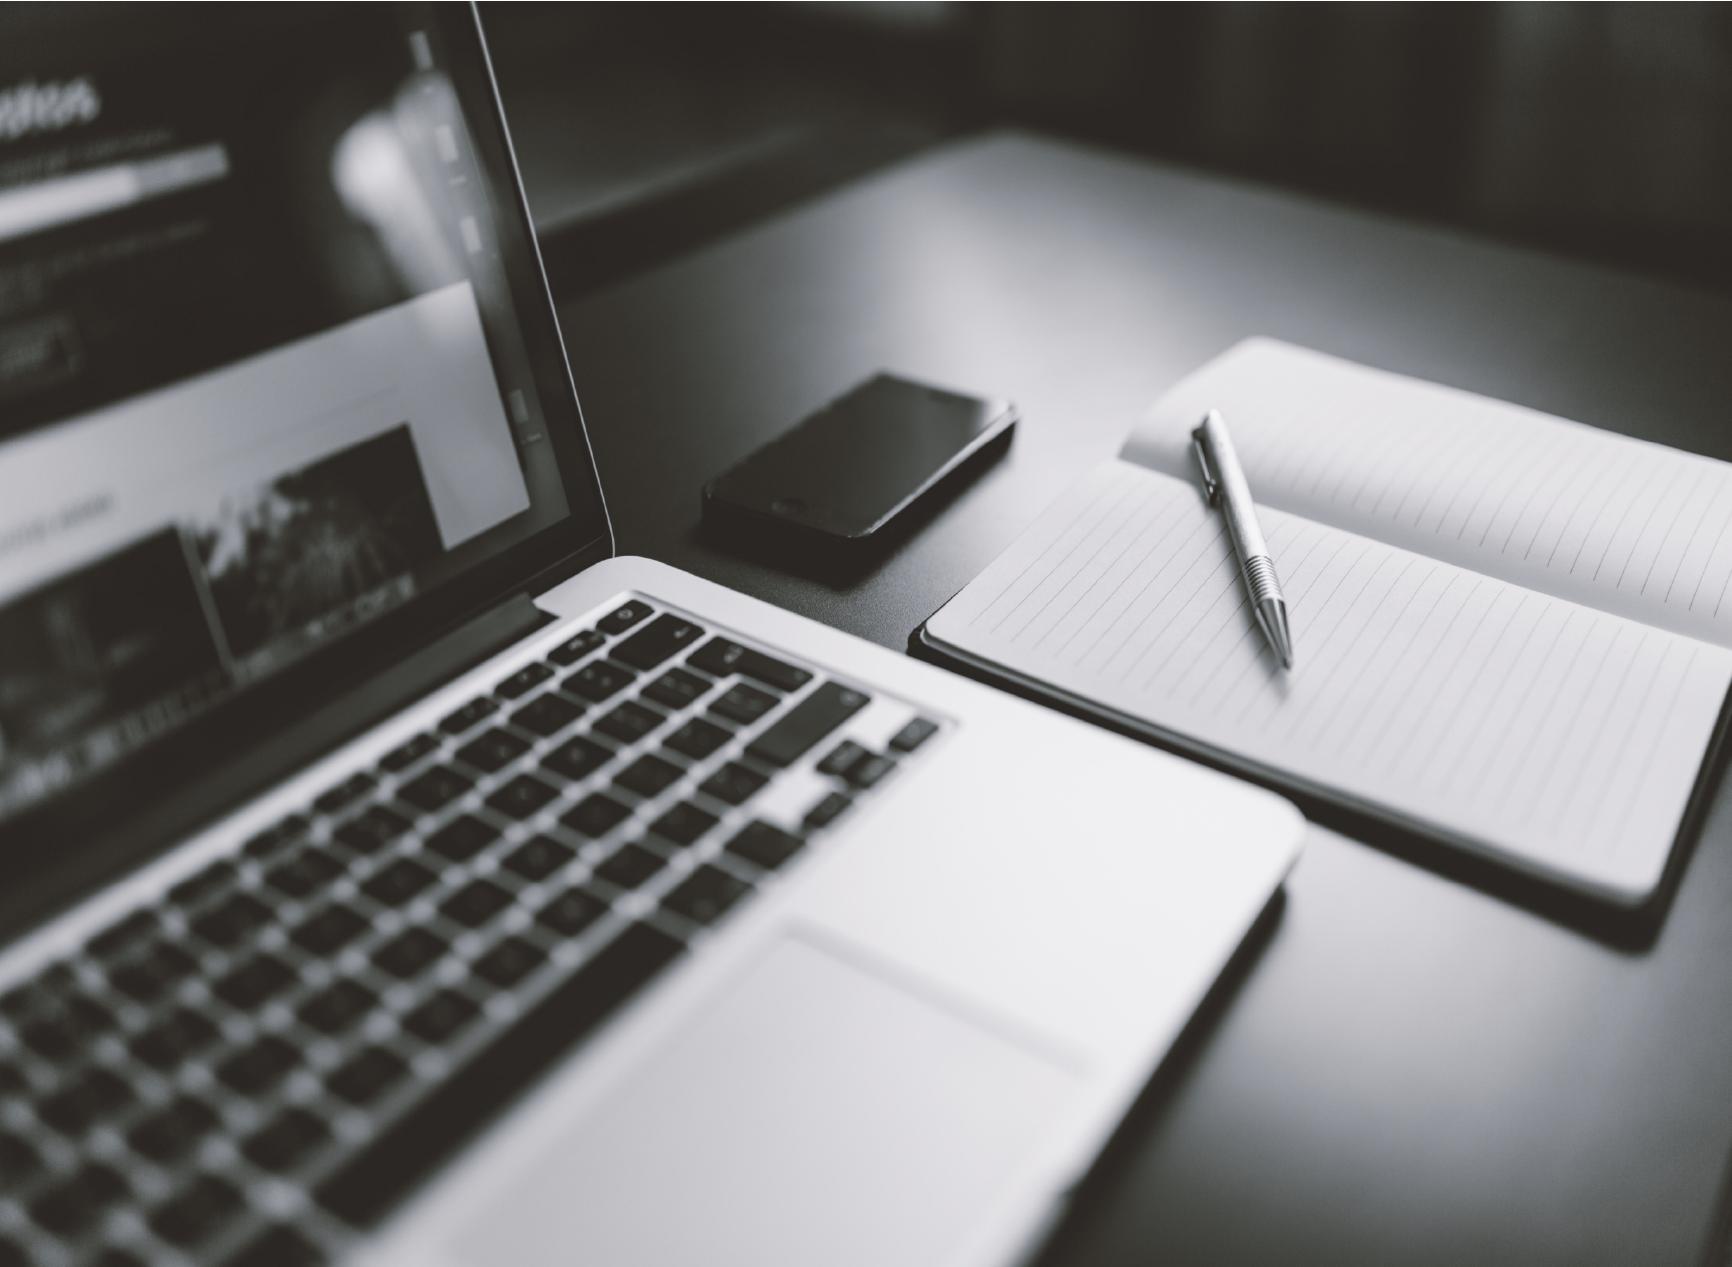 Escritorio con una computadora y un anotador al costado